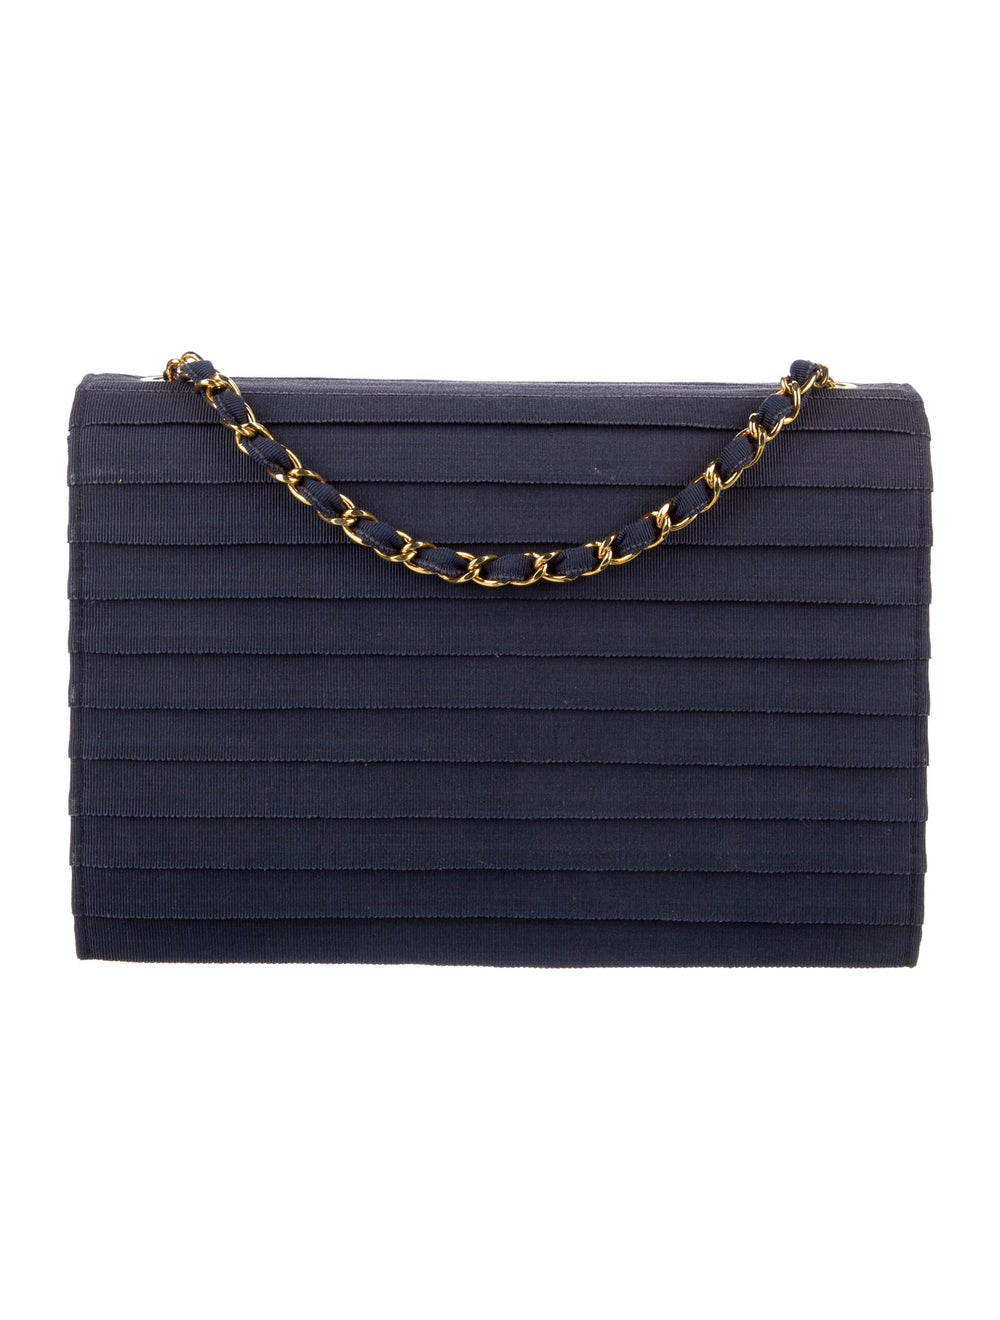 Chanel Paneled Flap Bag Blue - image 4